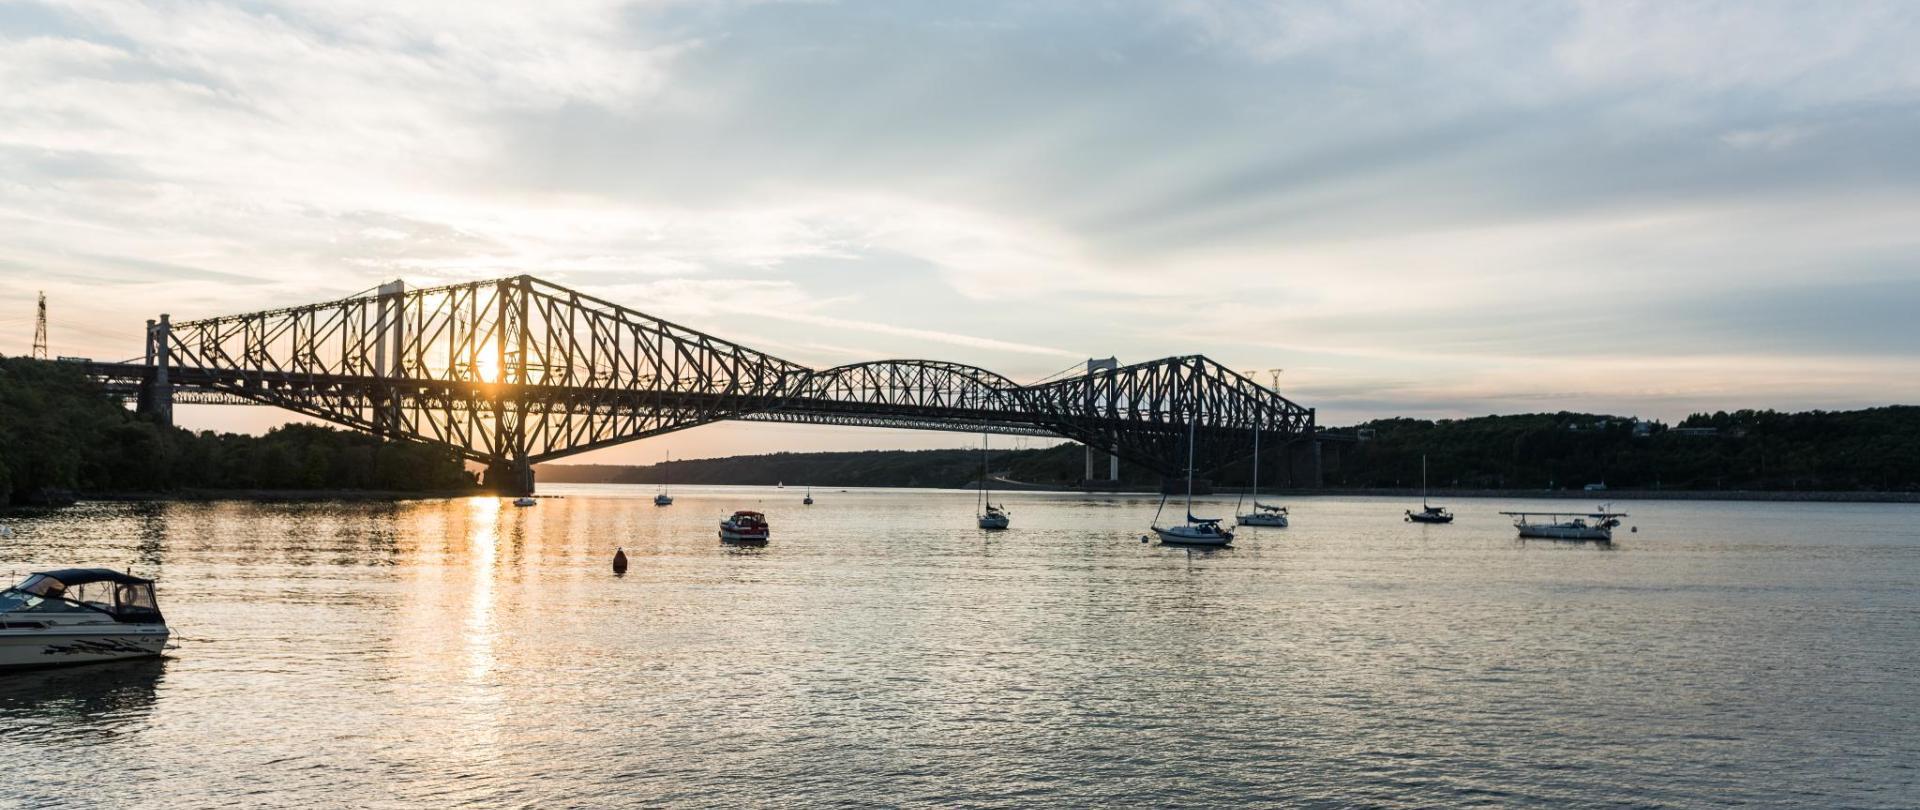 0265_Pont_de_Québec_et_pont_Pierre-Laporte_bridges_SHpJOqKx9-ZK9yv4q55wbwt18q0ABlZBh.jpg